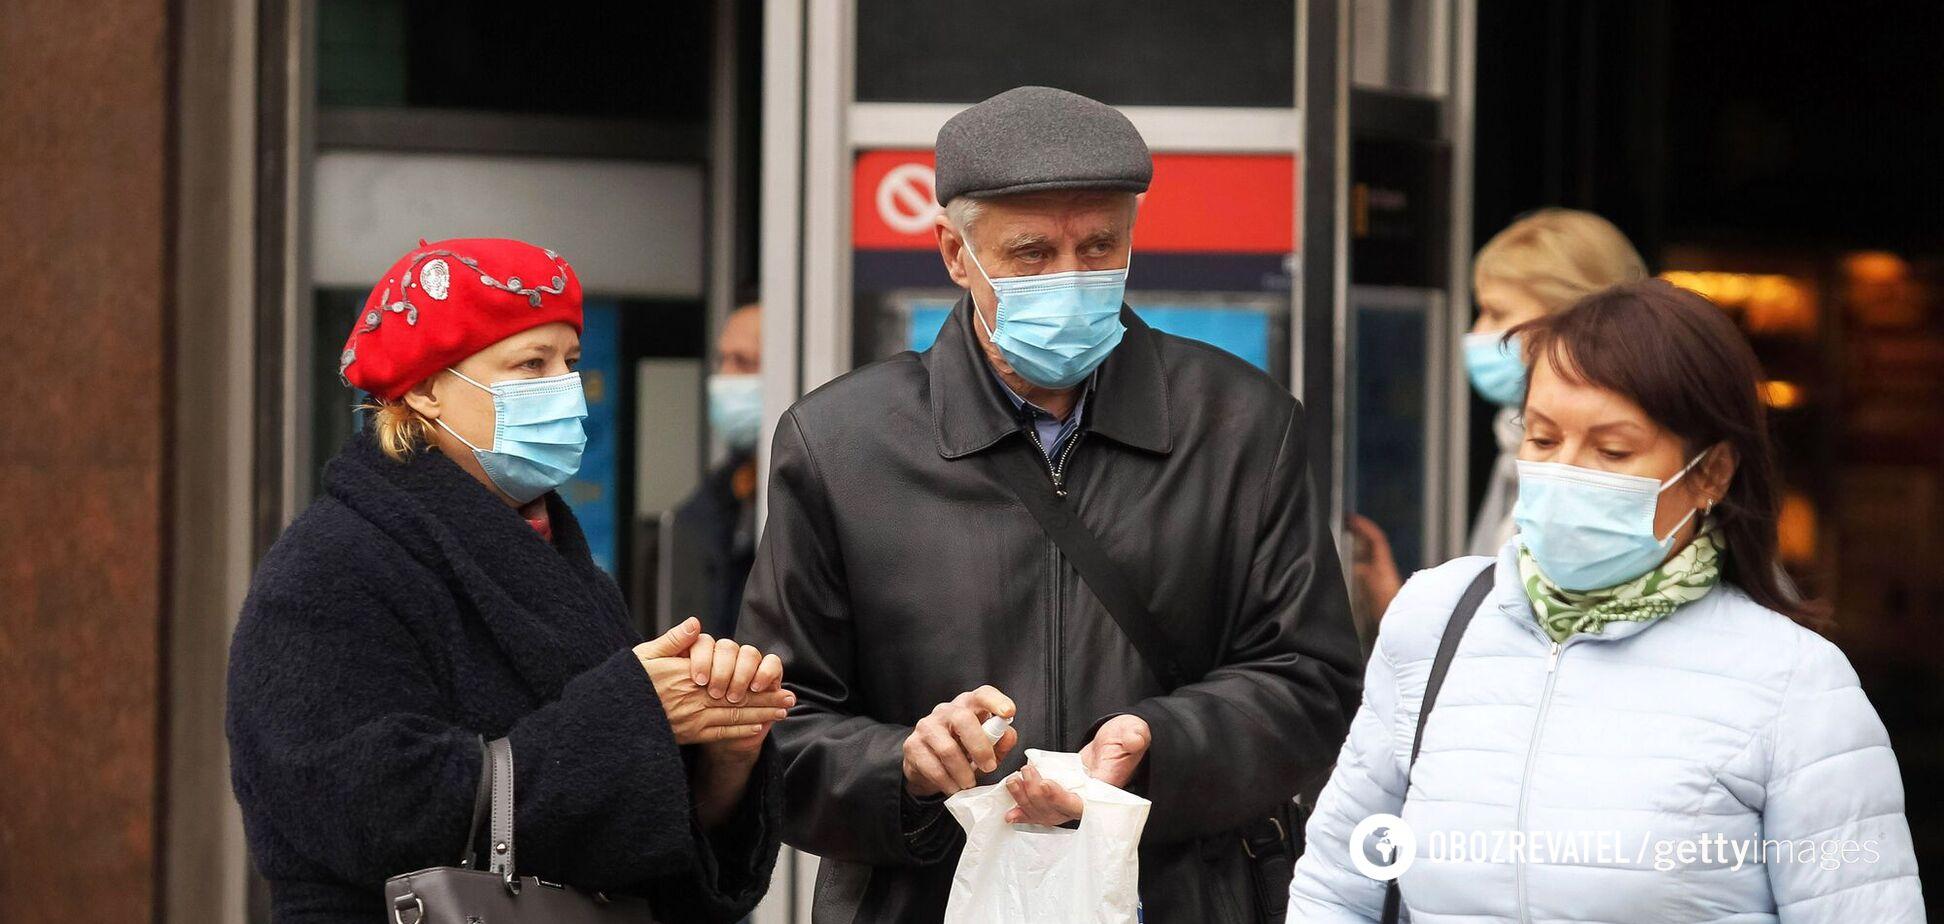 Статистика щодо коронавірусу в Києві